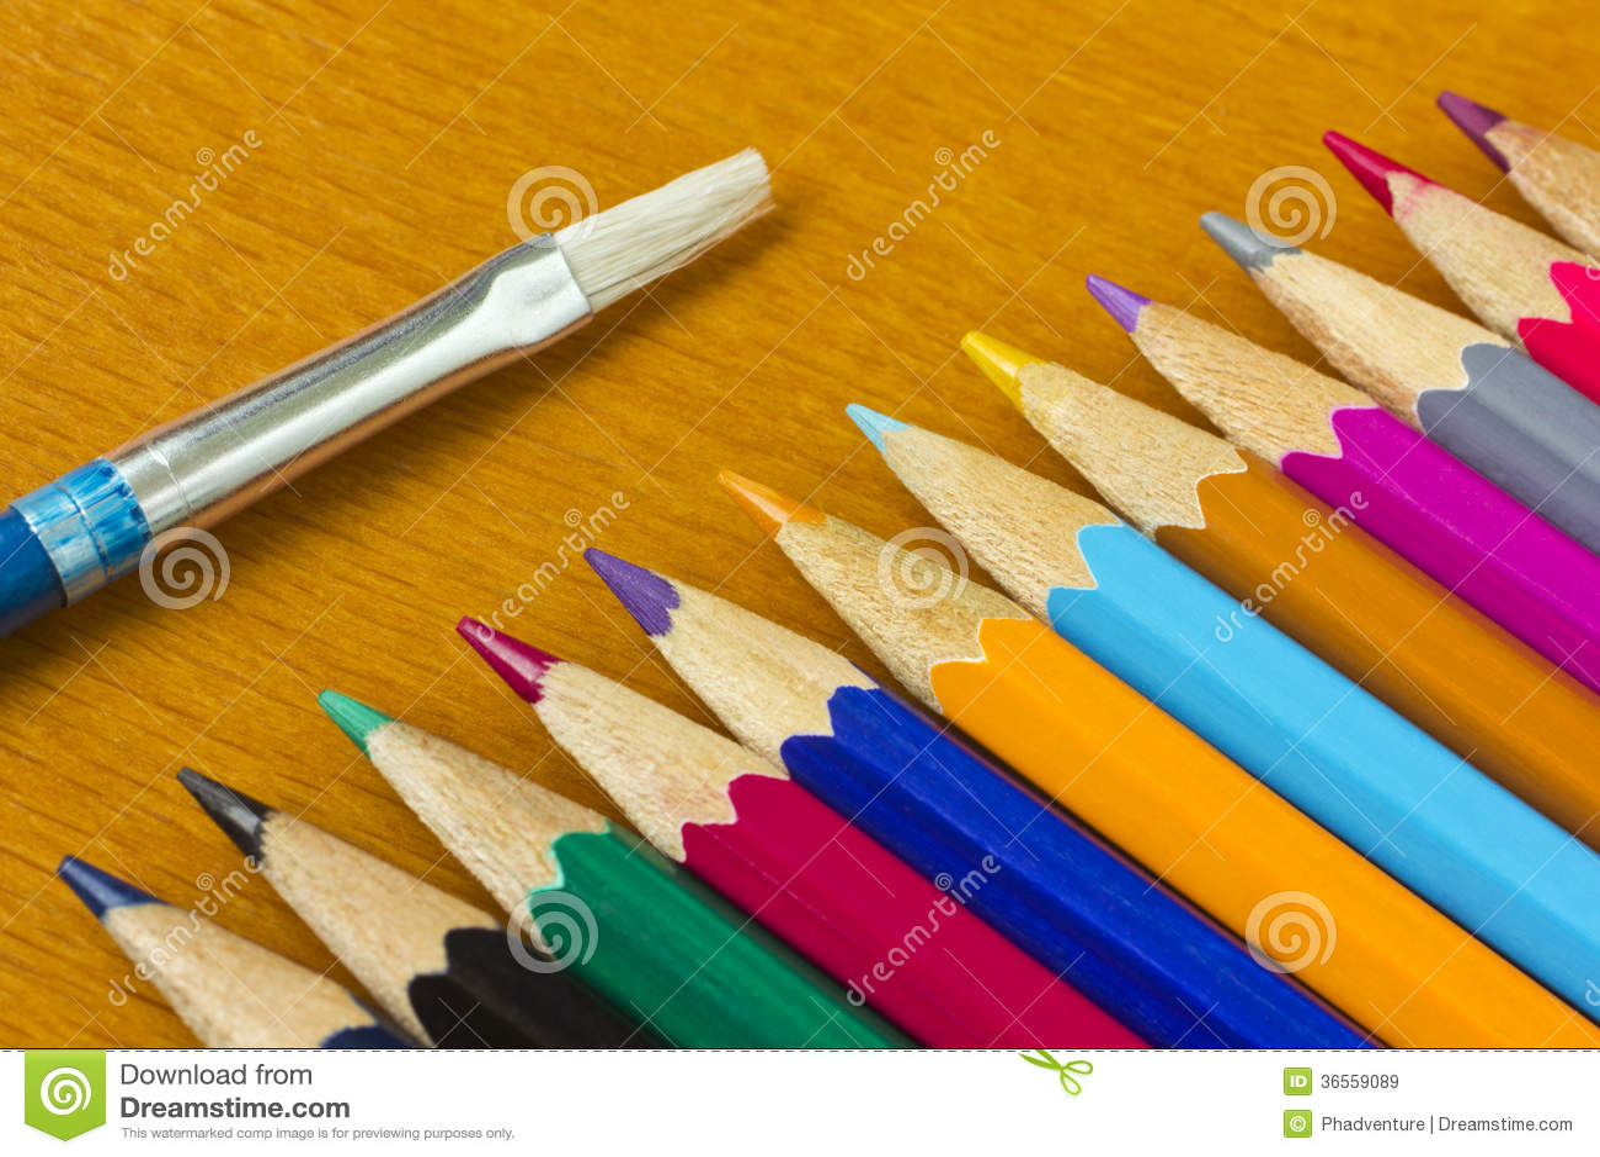 Crayons et brosse colorés